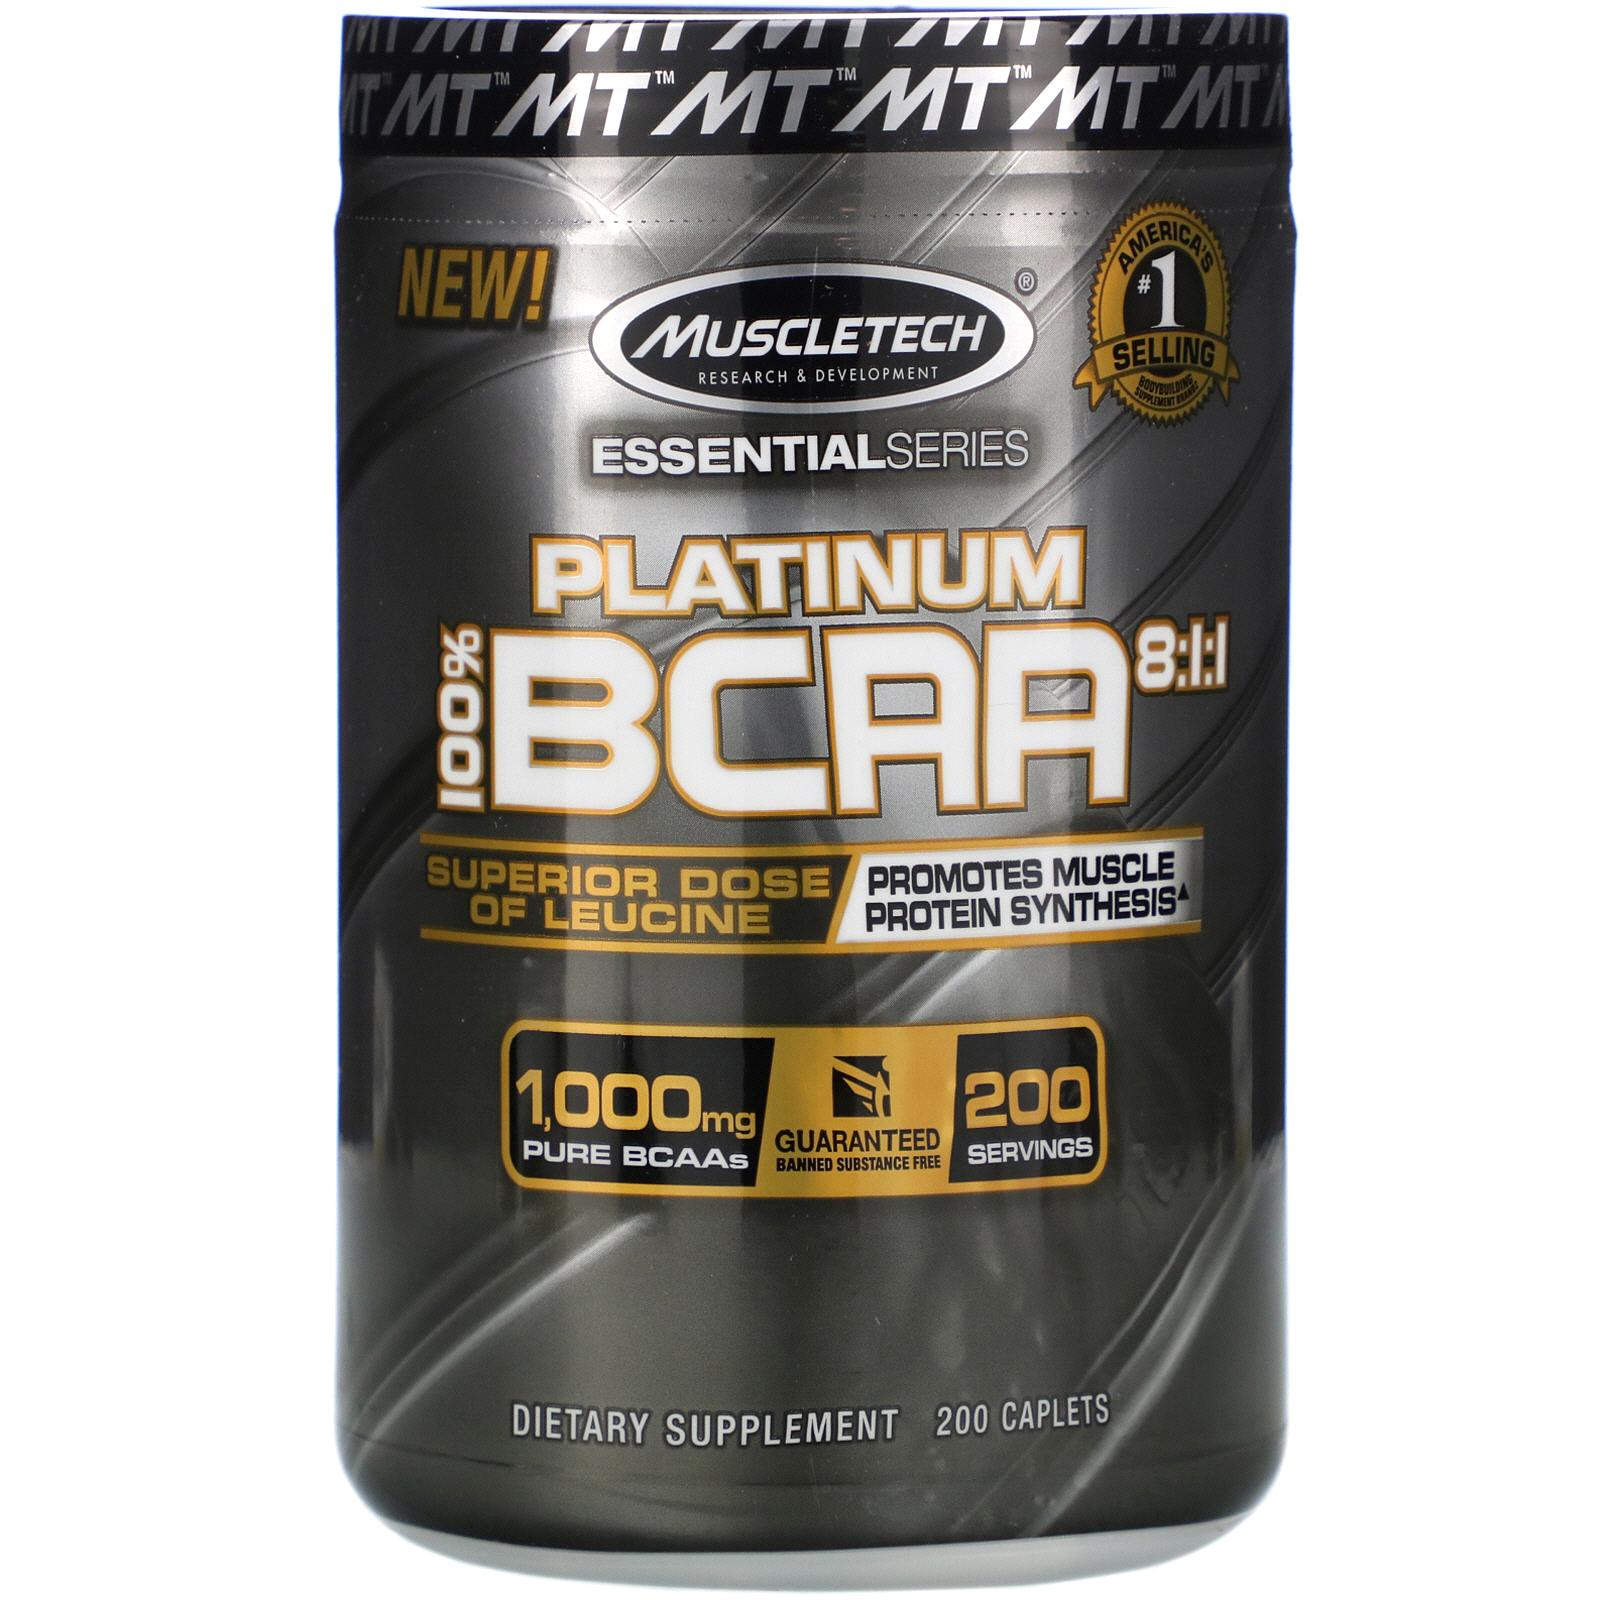 Muscletech Platinum 100 Bcaa 8 1 1 1 000 Mg 200 Caplets Iherb